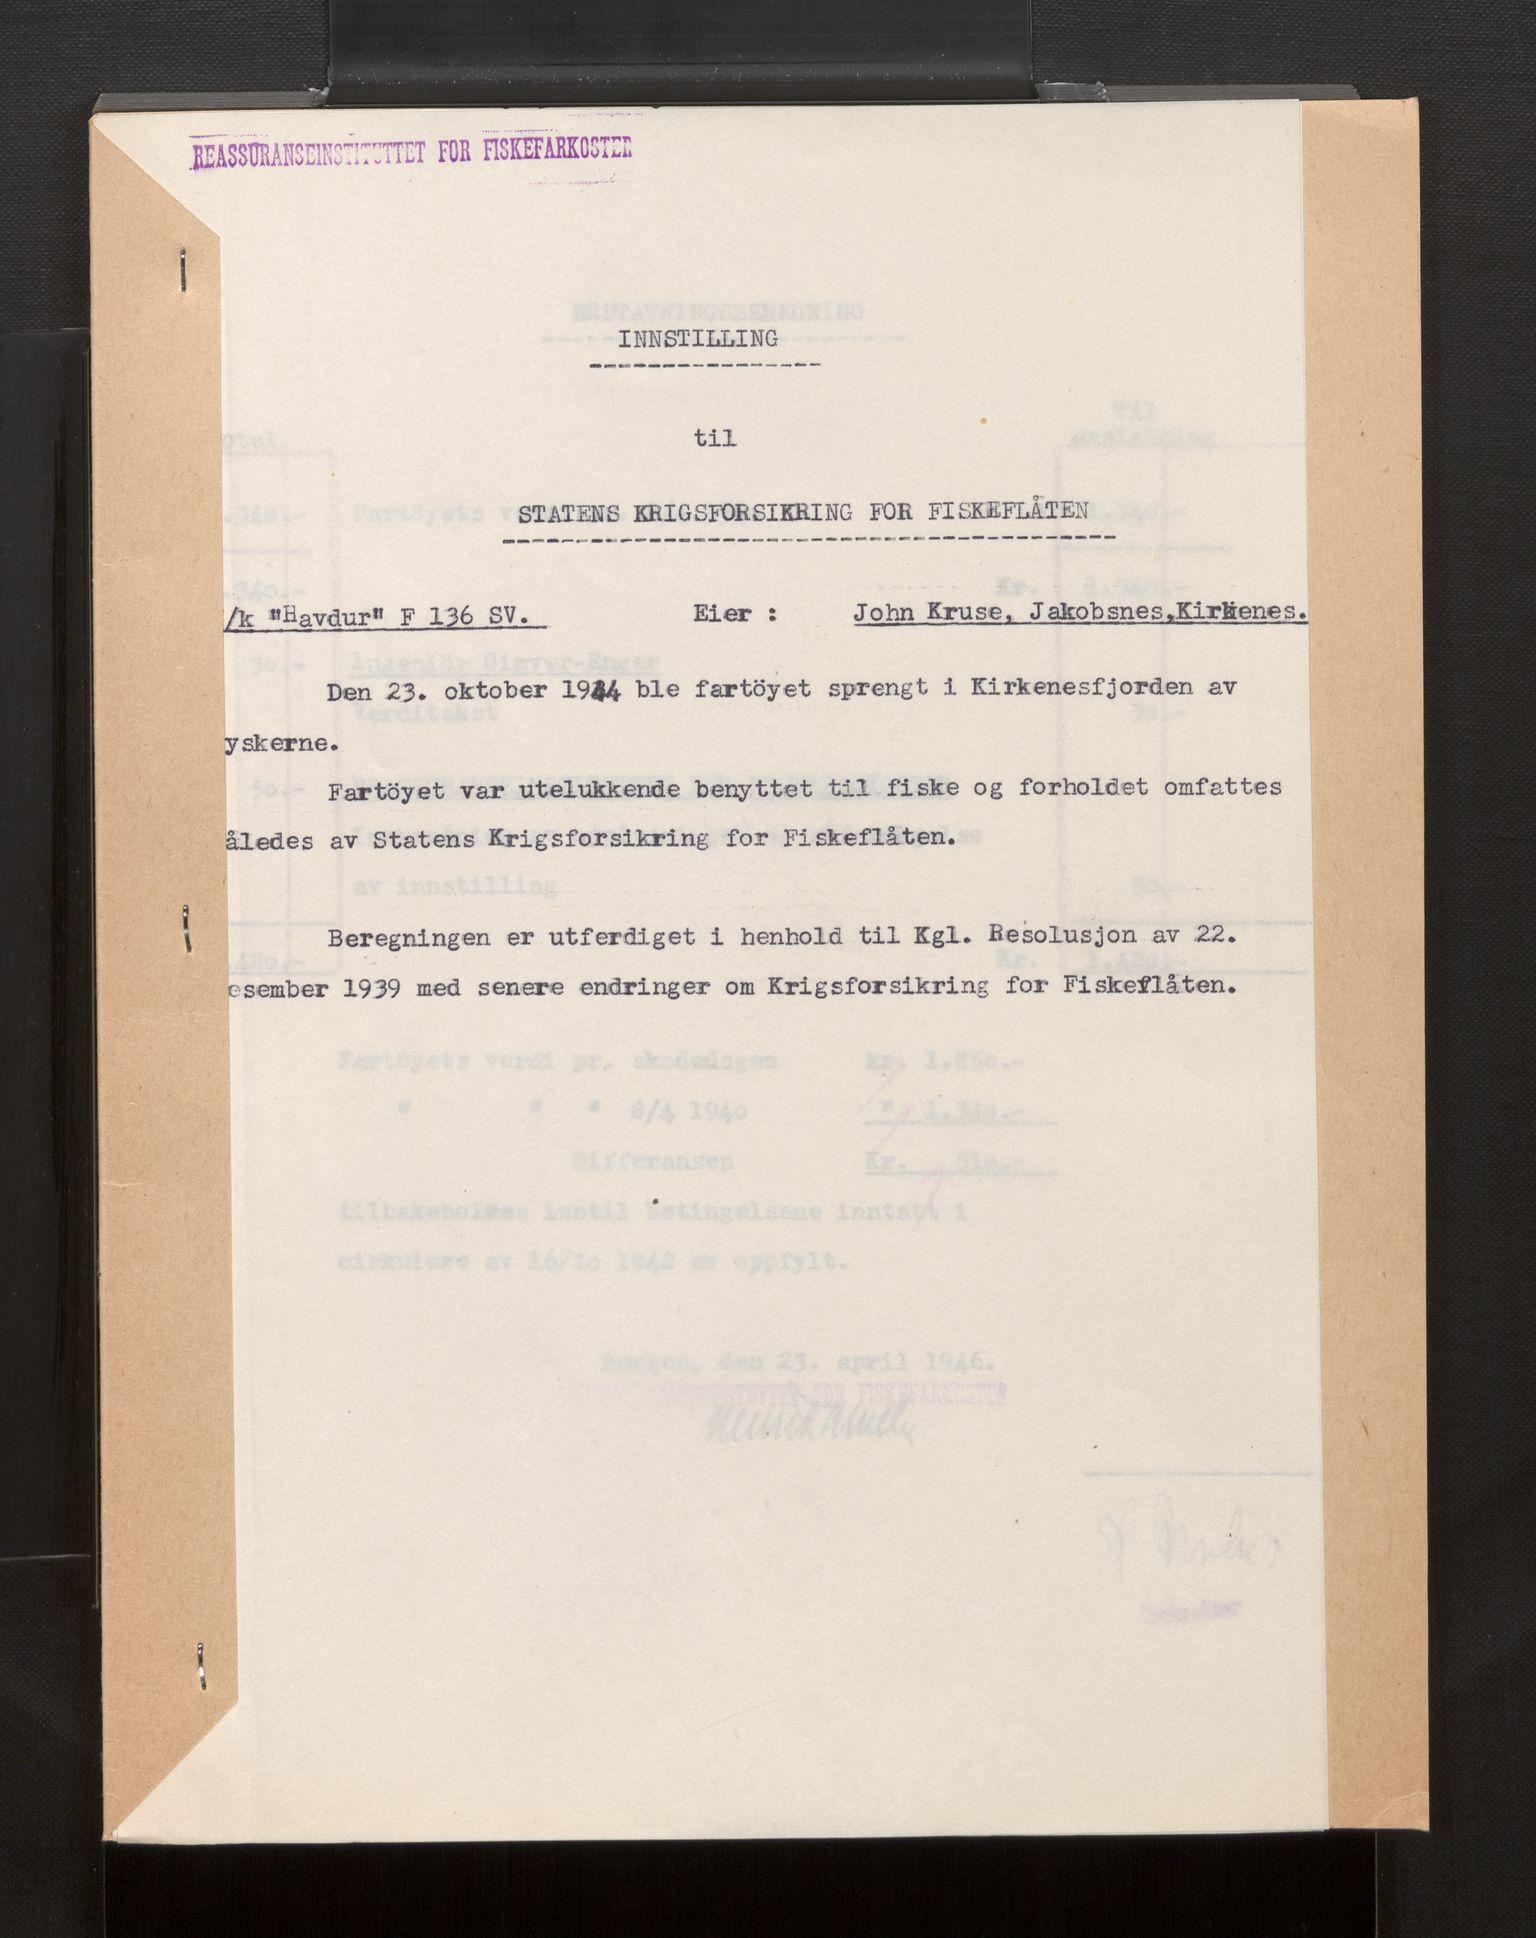 SAB, Fiskeridirektoratet - 1 Adm. ledelse - 13 Båtkontoret, La/L0042: Statens krigsforsikring for fiskeflåten, 1936-1971, s. 600